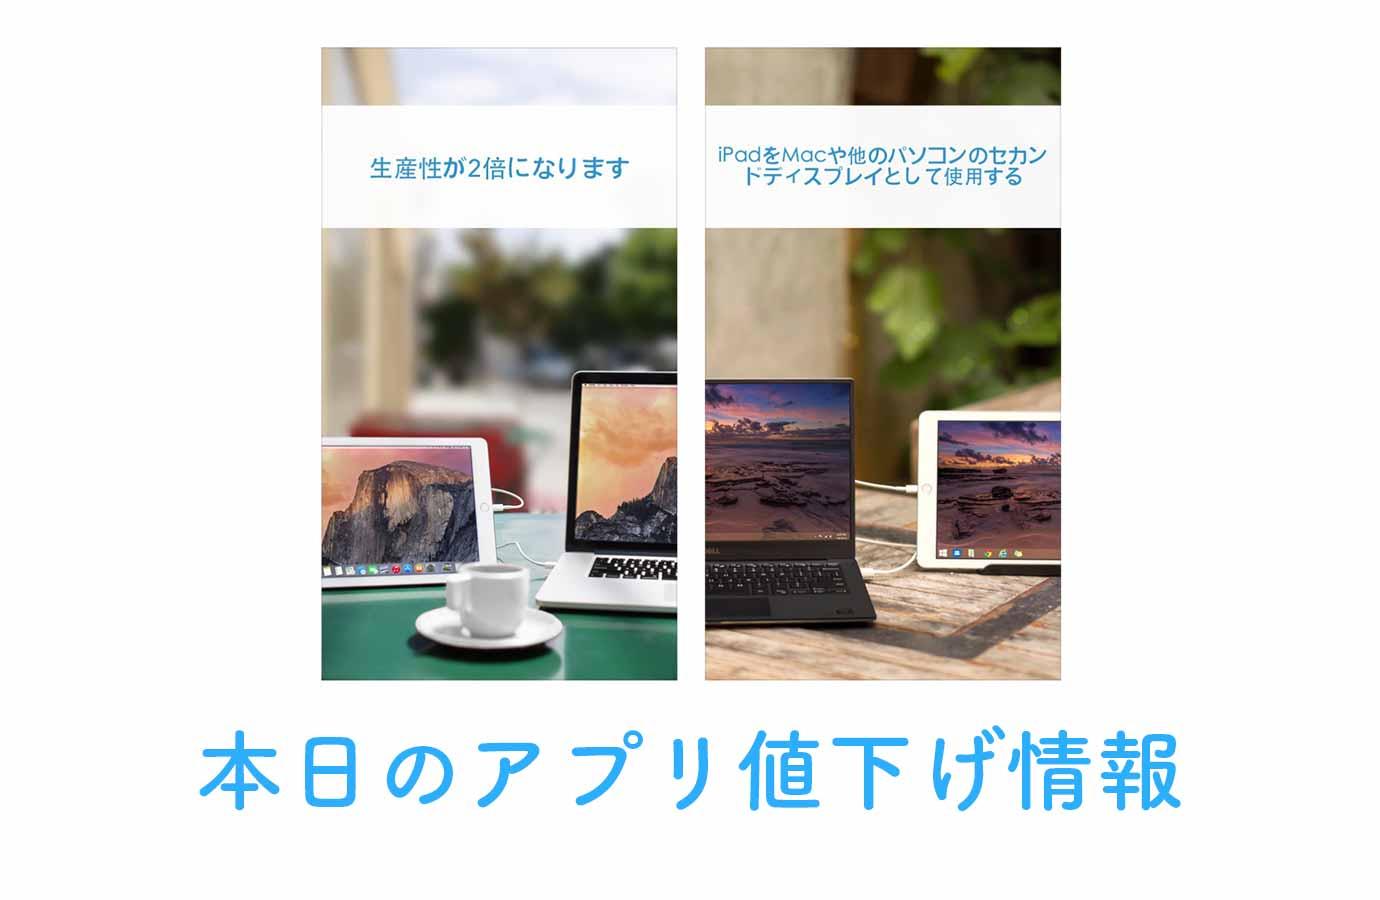 2,400円→1,200円!iPhoneやiPadをMacのサブディプレイにできる「Duet Display」など【10/27】アプリ値下げ情報